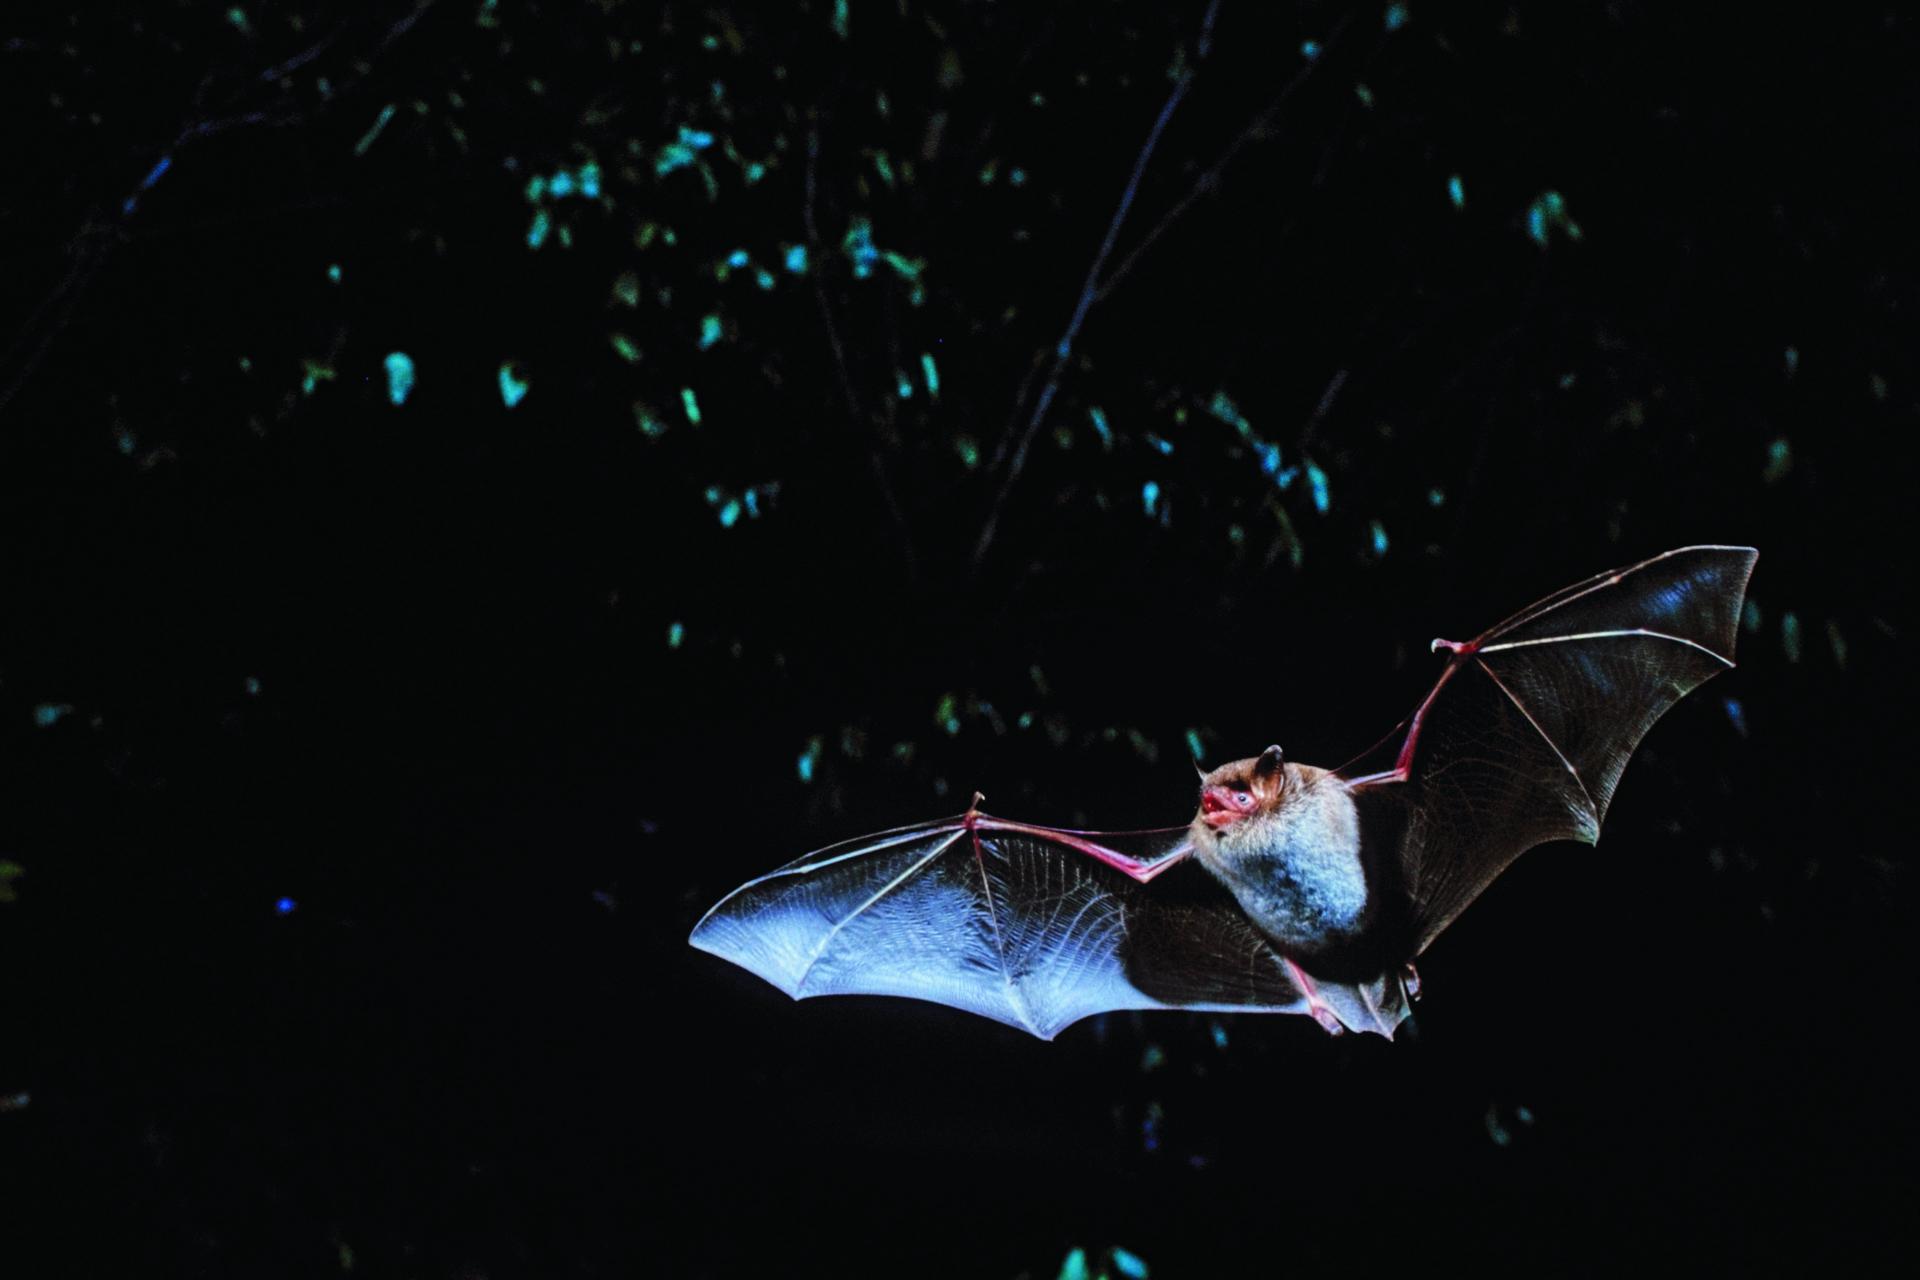 """In den kommenden Monaten werden die Fledermäuse im Nationalpark """"belauscht"""".  Foto: Thomas Stephan"""